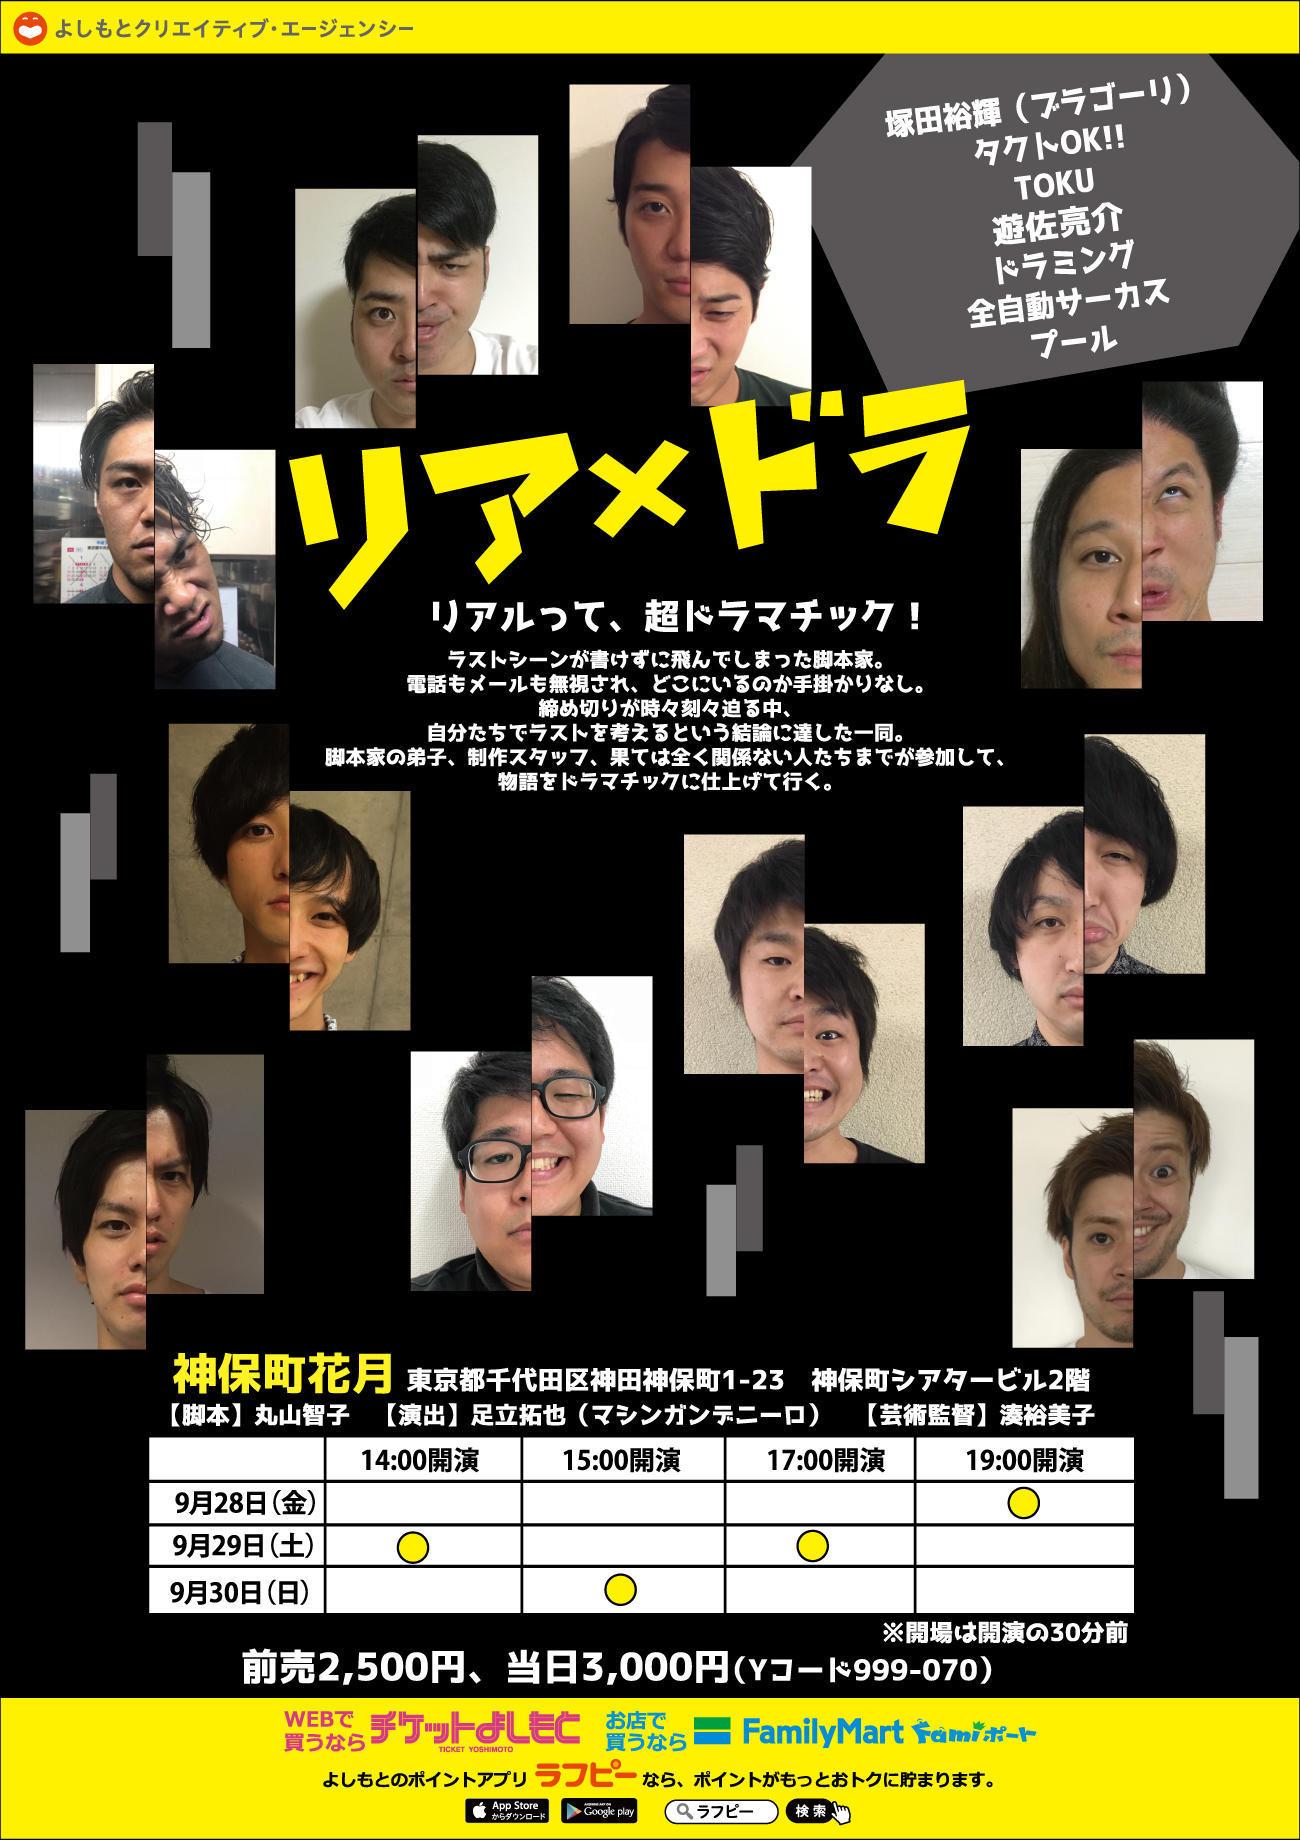 http://news.yoshimoto.co.jp/20180925153529-dfcf04433506d6e322591e3dd95a36c734d13cab.jpg